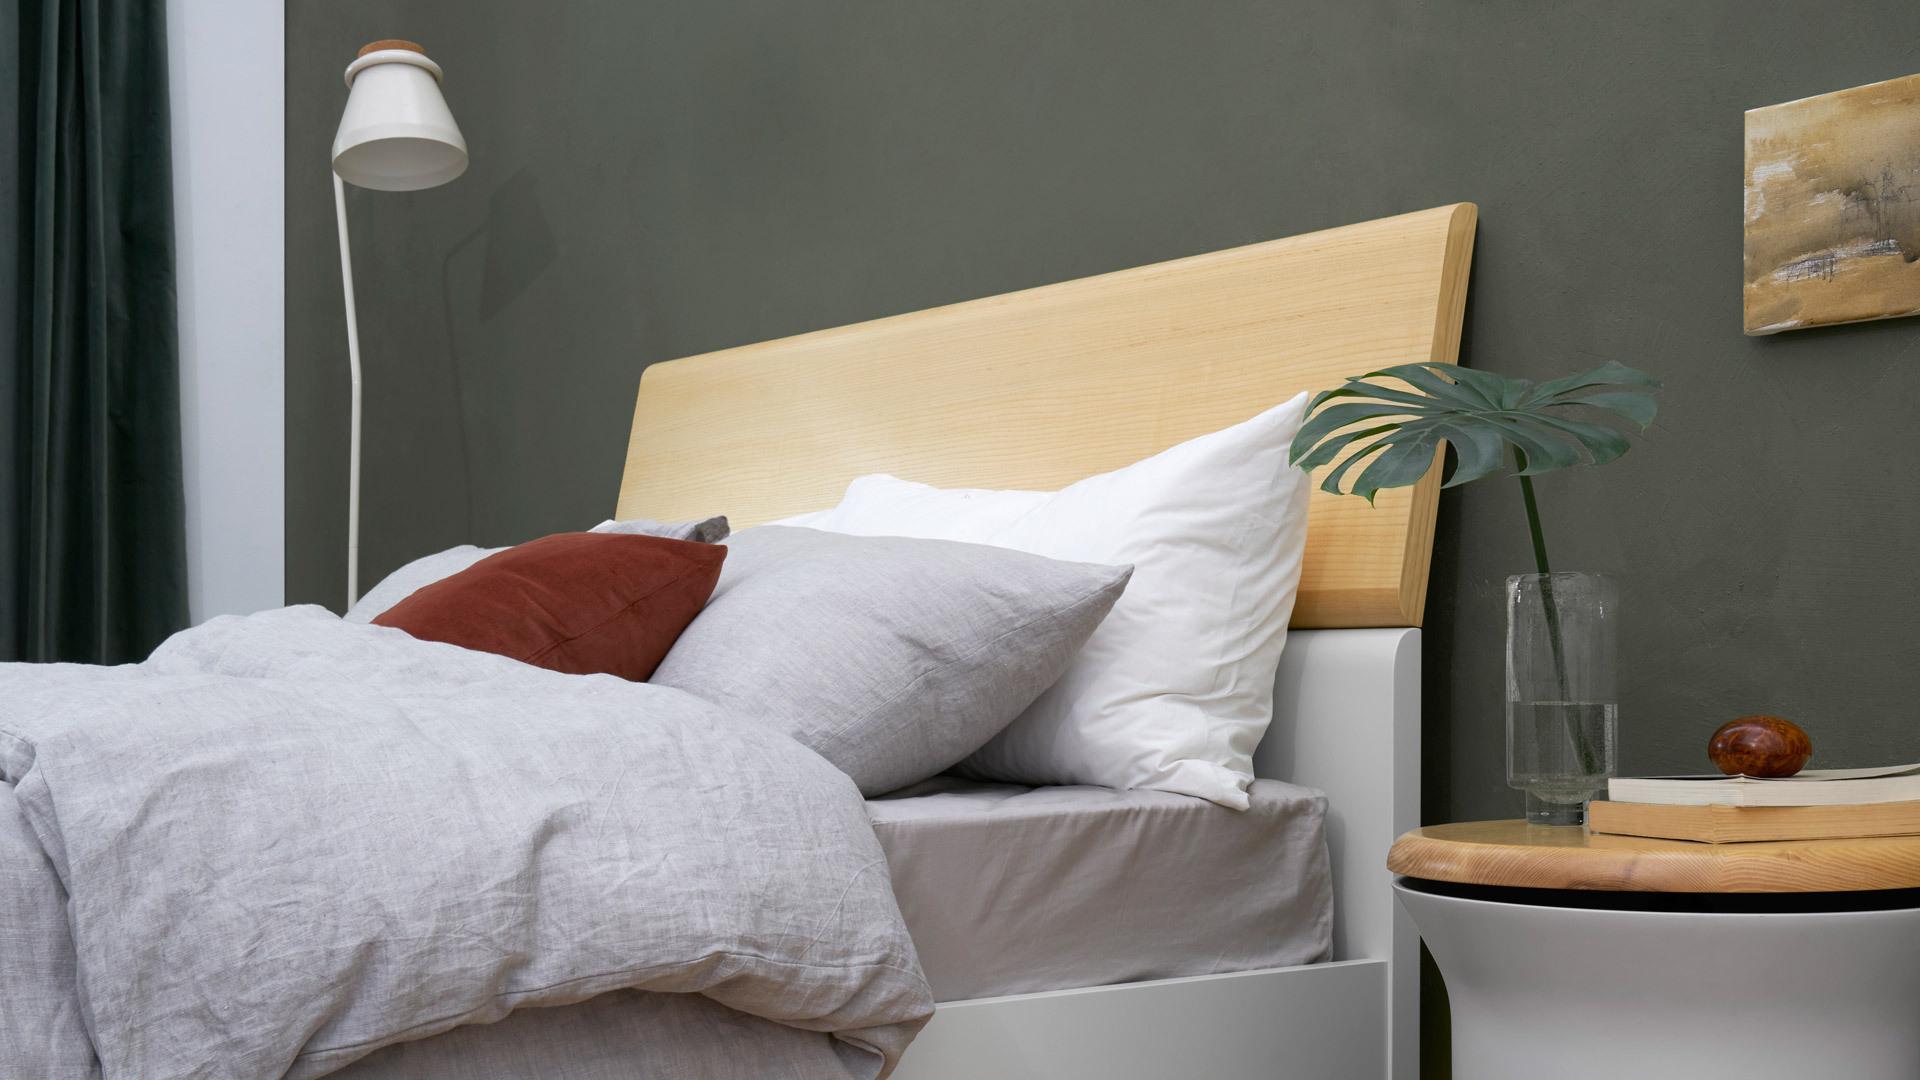 170°倾斜床头,贴墙支撑更稳定